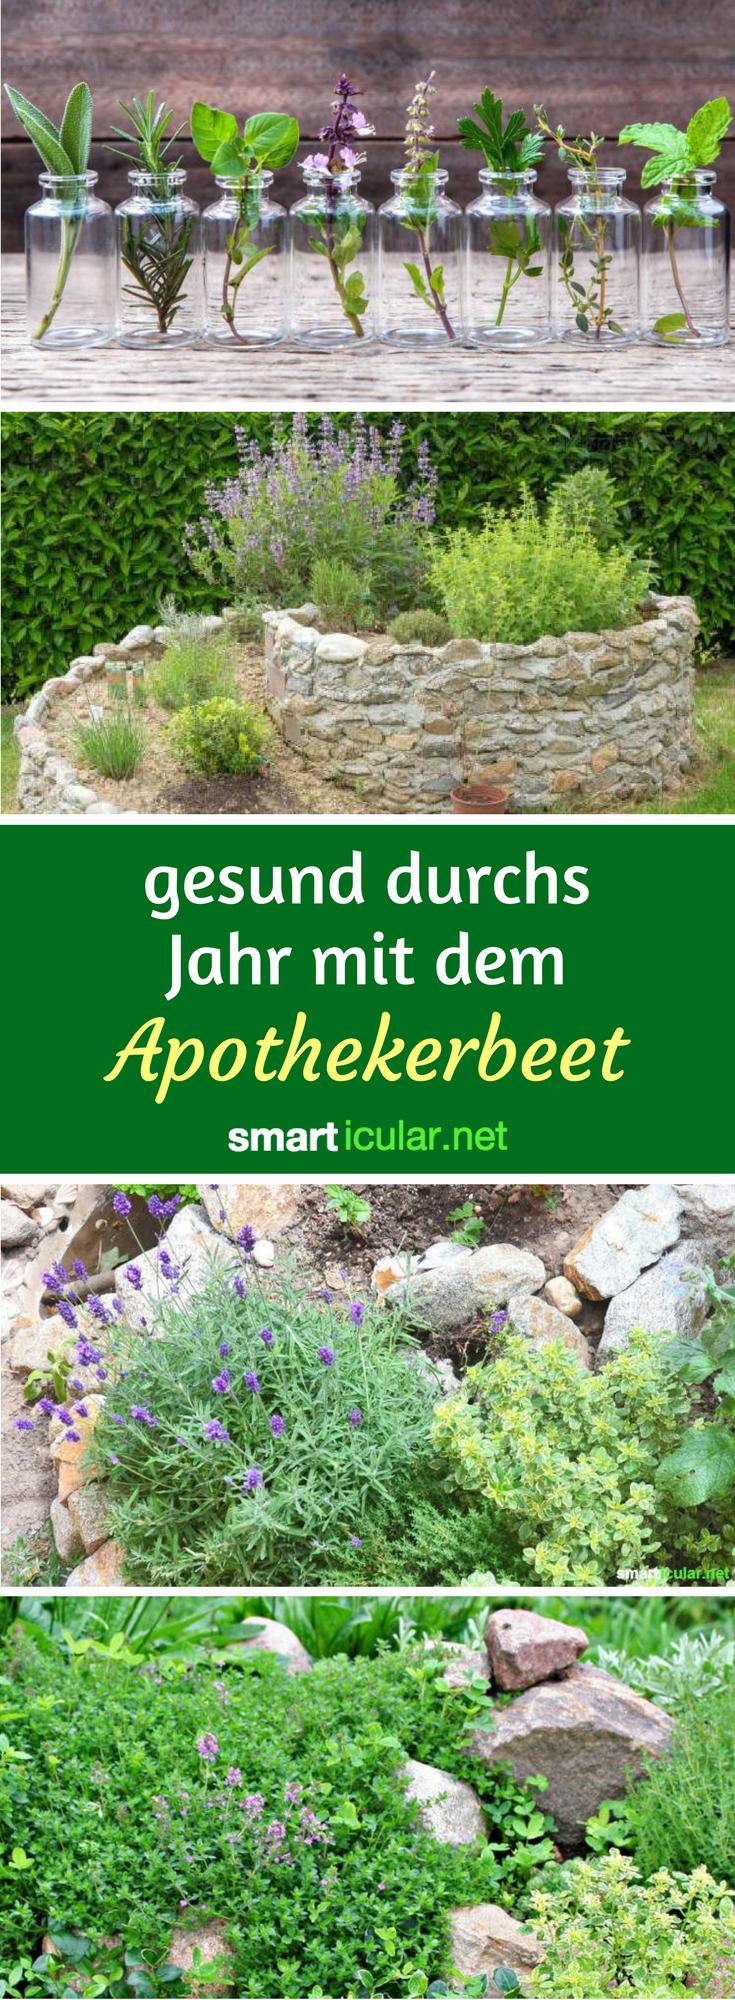 Naturlich Gesund Mit Dem Apotheker Beet Garden Ideas Diy Garten